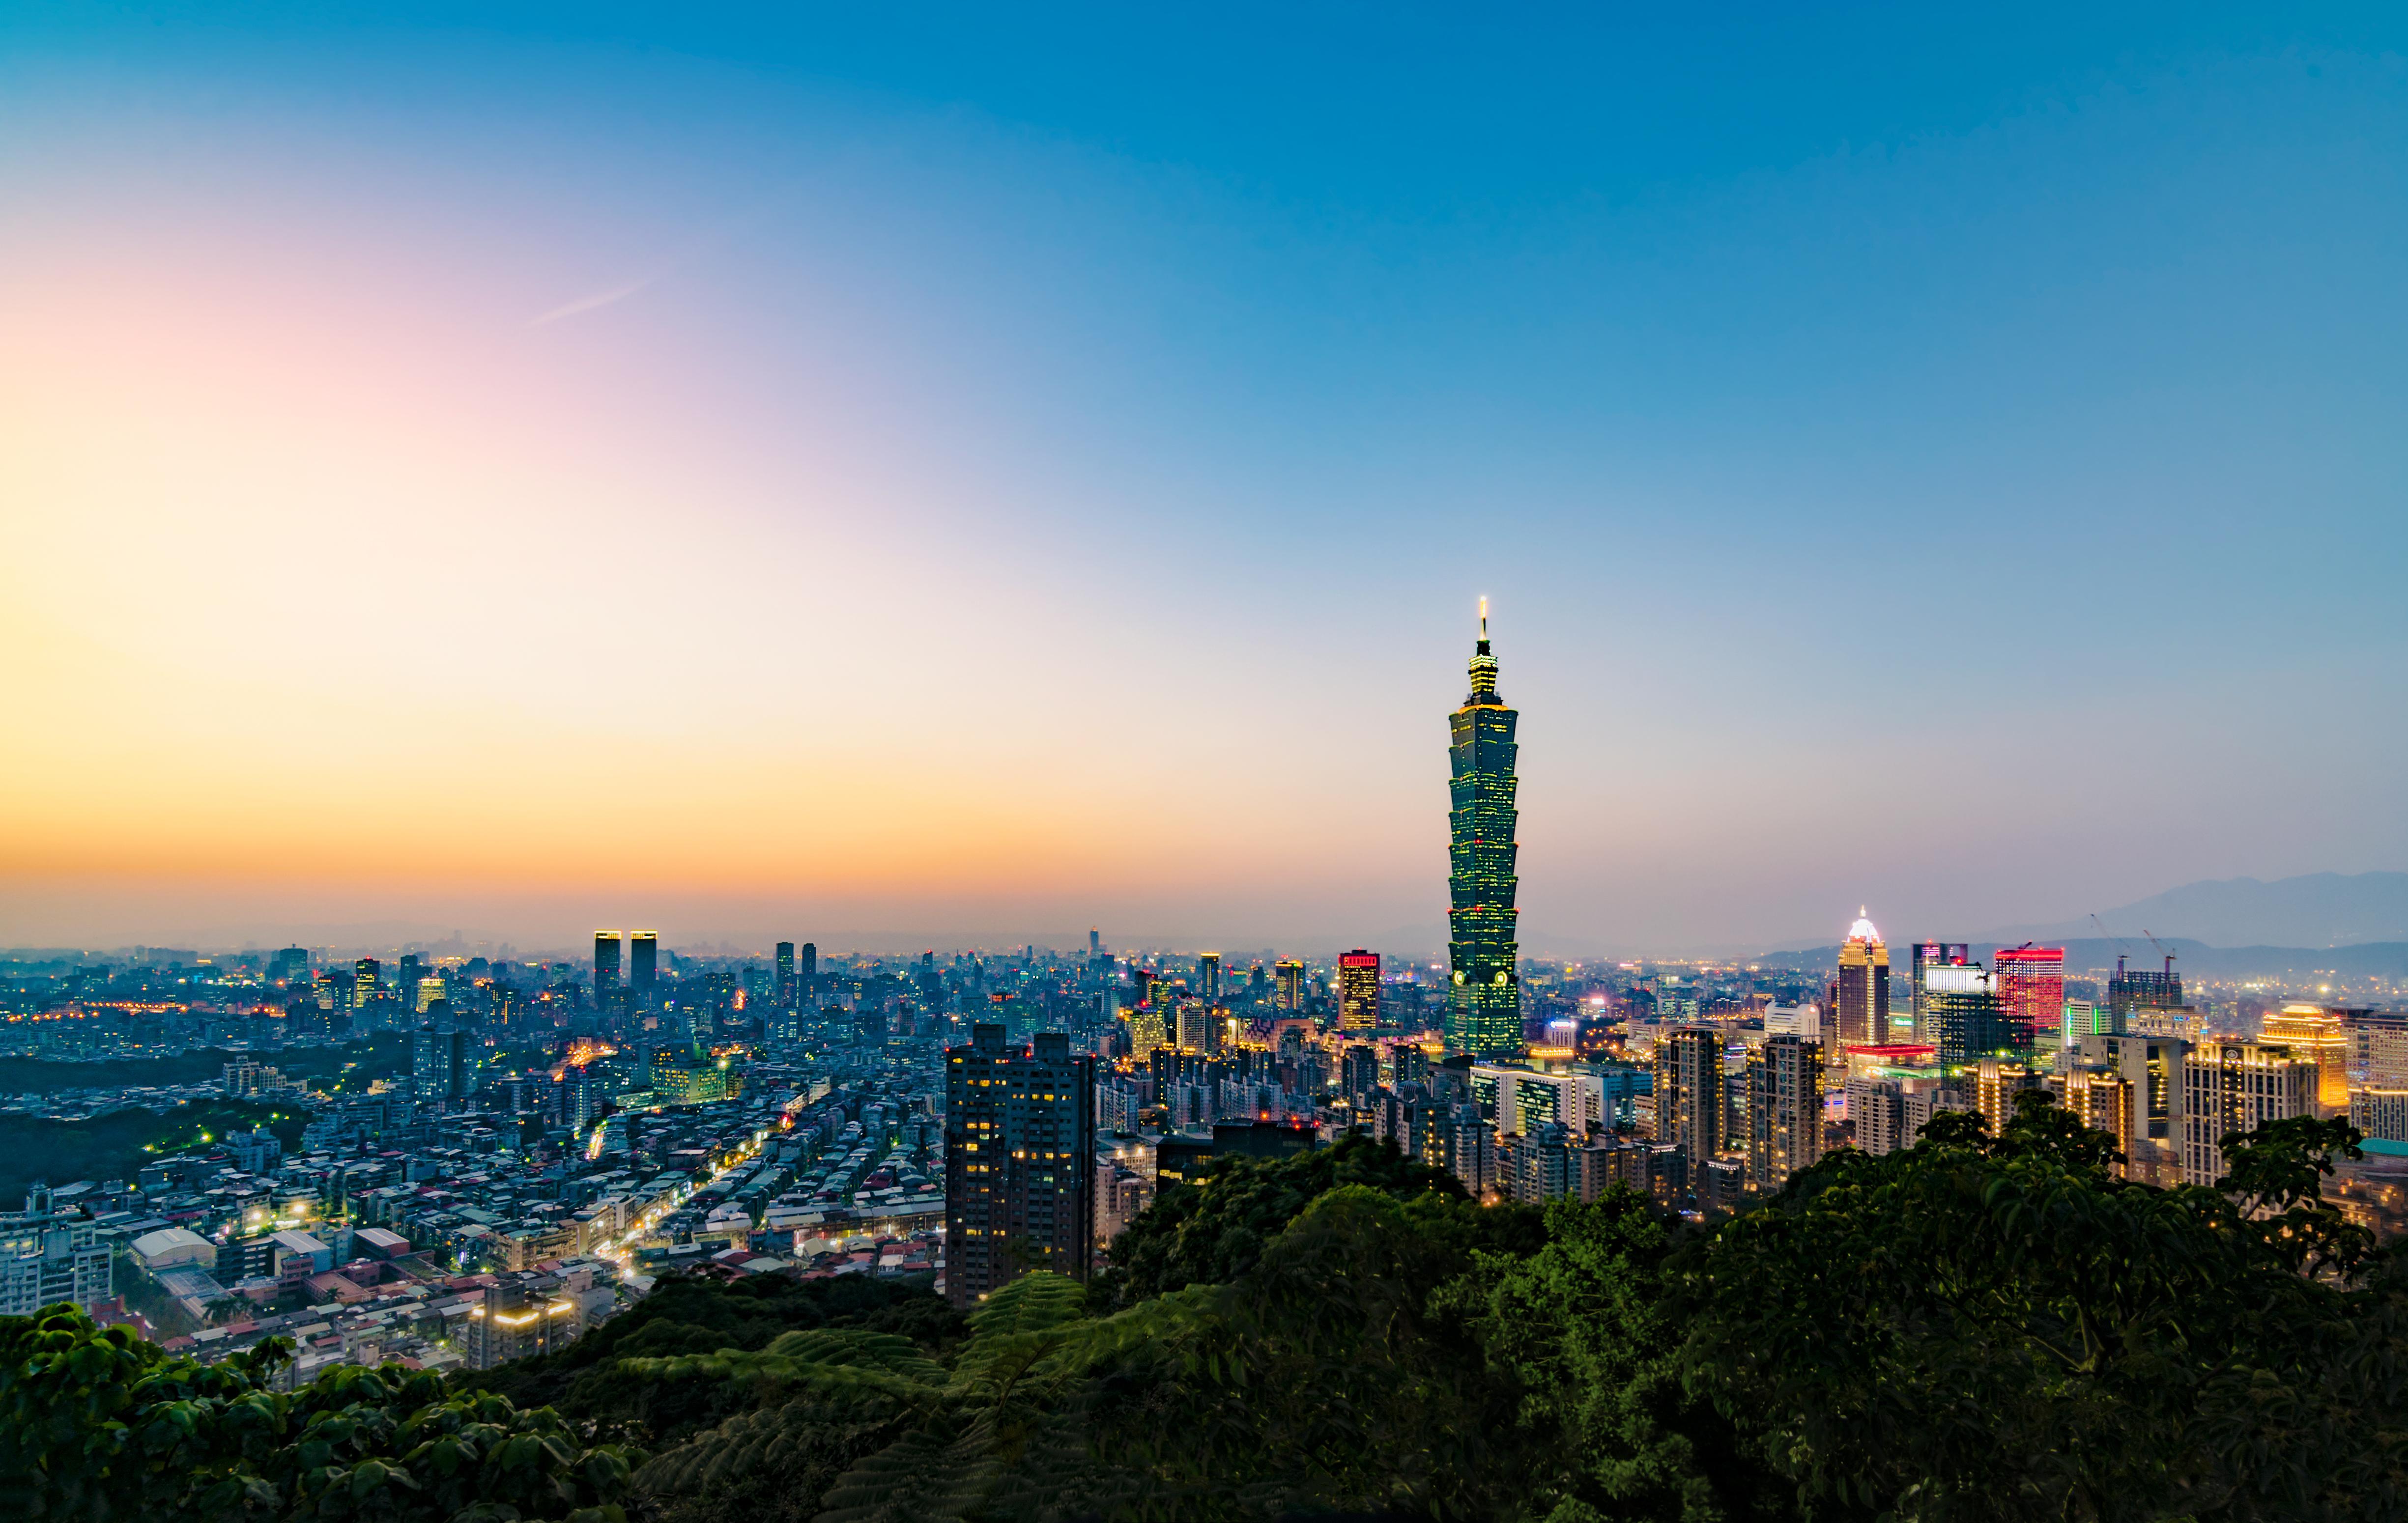 Association Of Canadian Travel Agencies Taiwan Tourism Bureau And